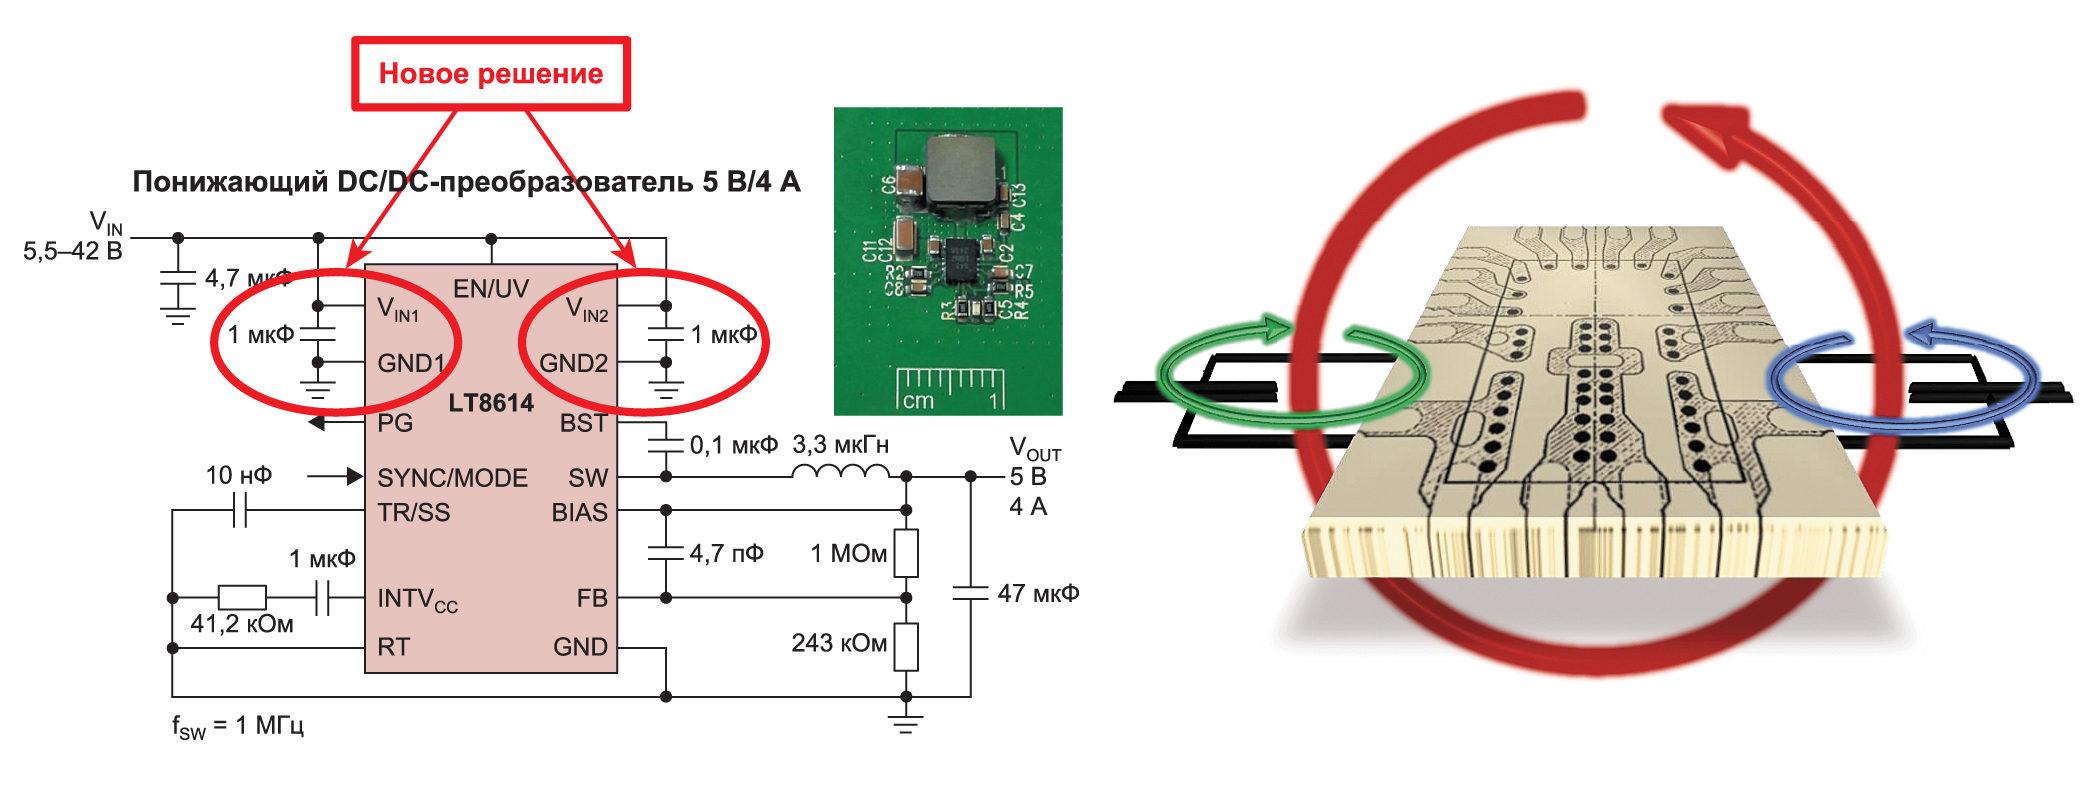 Пример практического решения в виде понижающего DC/DC-преобразователя, выполненного на контроллере LT8614 архитектуры Silent Switcher. В основе архитектуры Silent Switcher лежит разделение «горячих петель» на две с замкнутыми магнитными полями